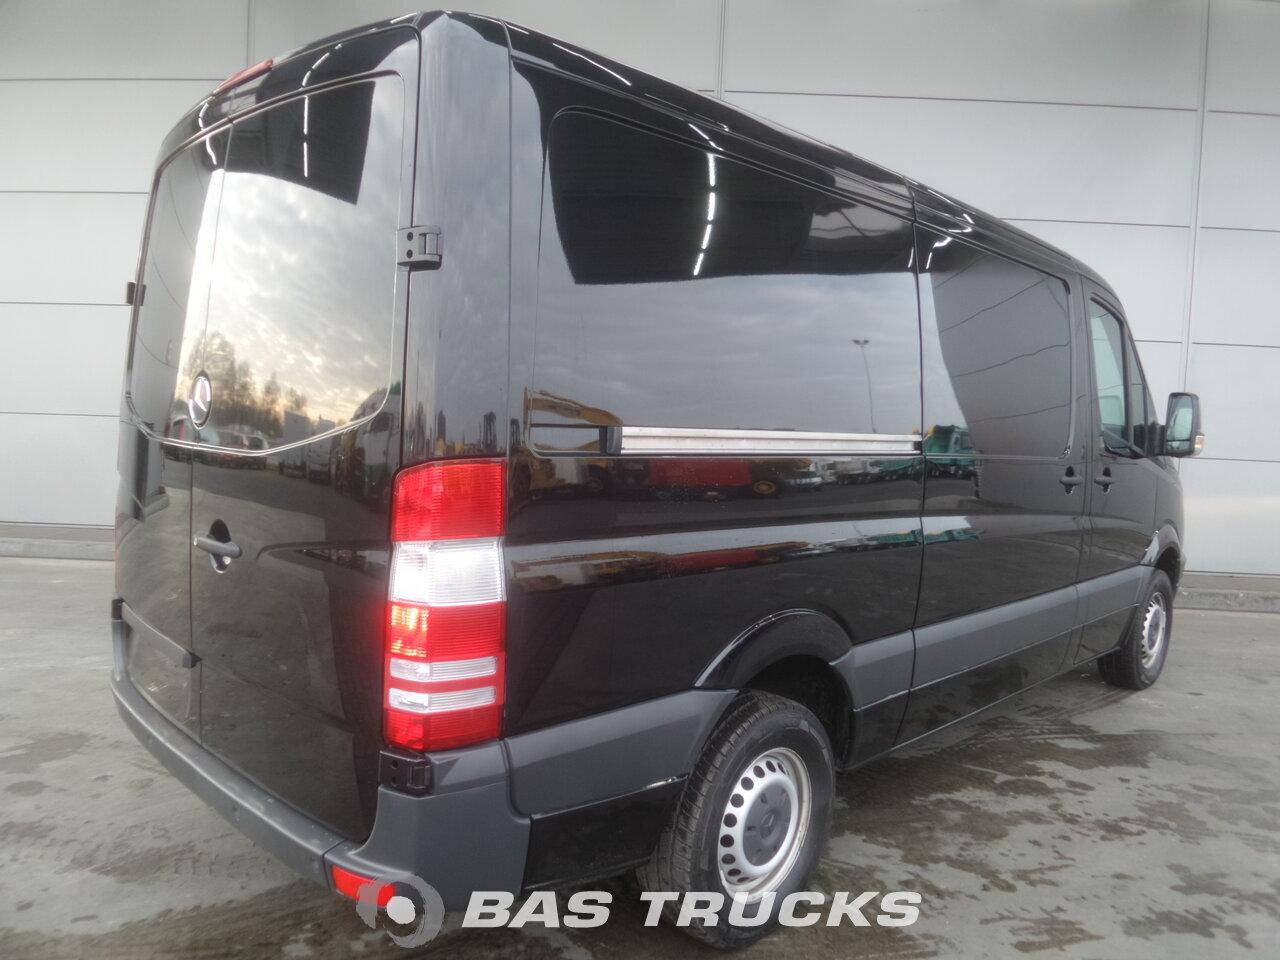 mercedes sprinter 313 light commercial vehicle 15900 bas trucks. Black Bedroom Furniture Sets. Home Design Ideas